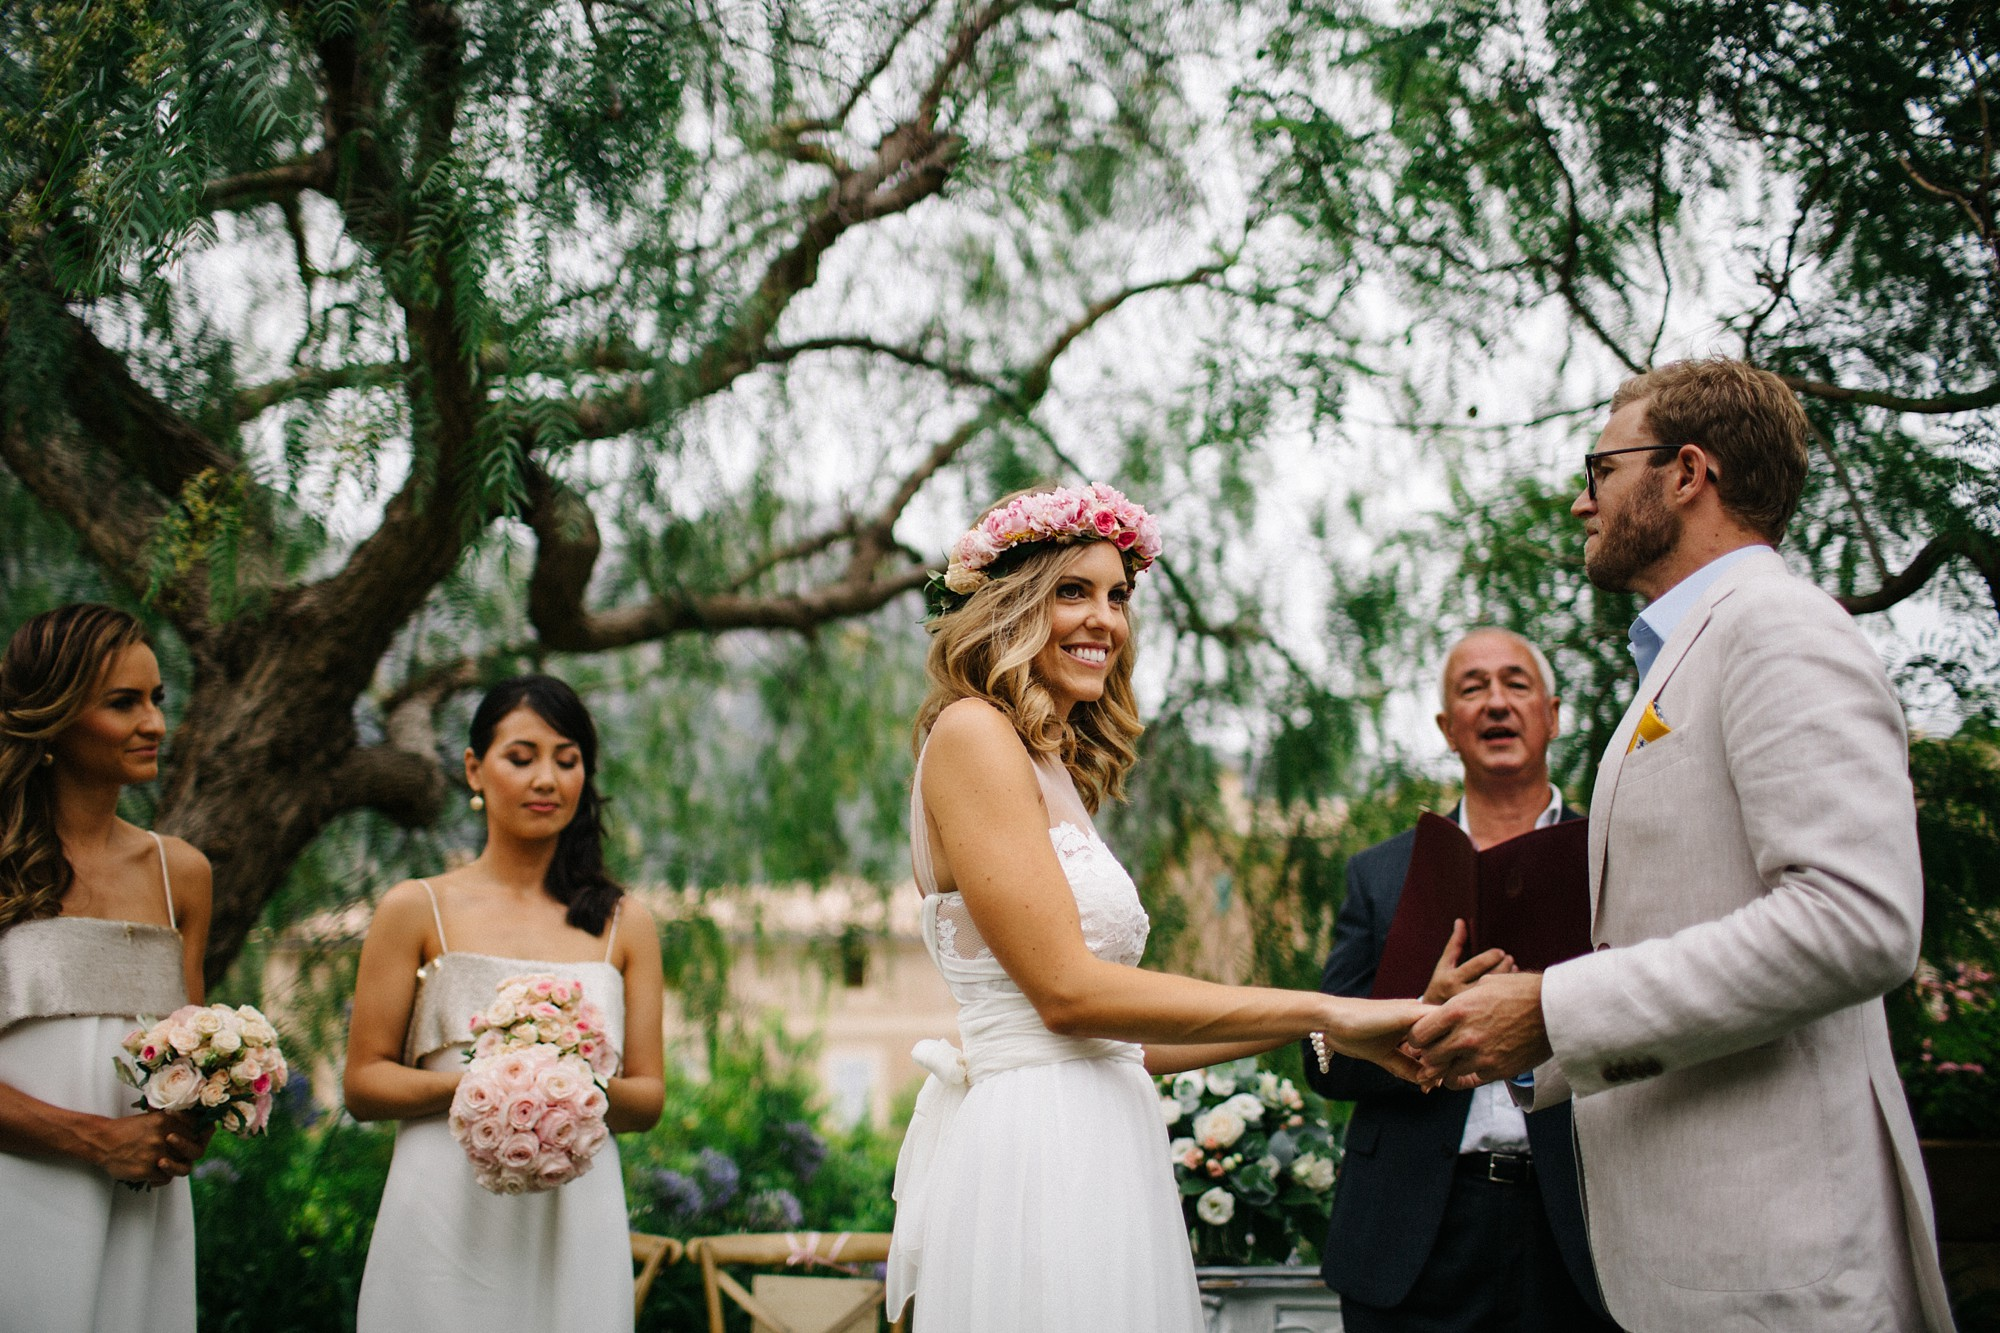 fotografos de boda en valencia barcelona mallorca wedding photographer088.jpg